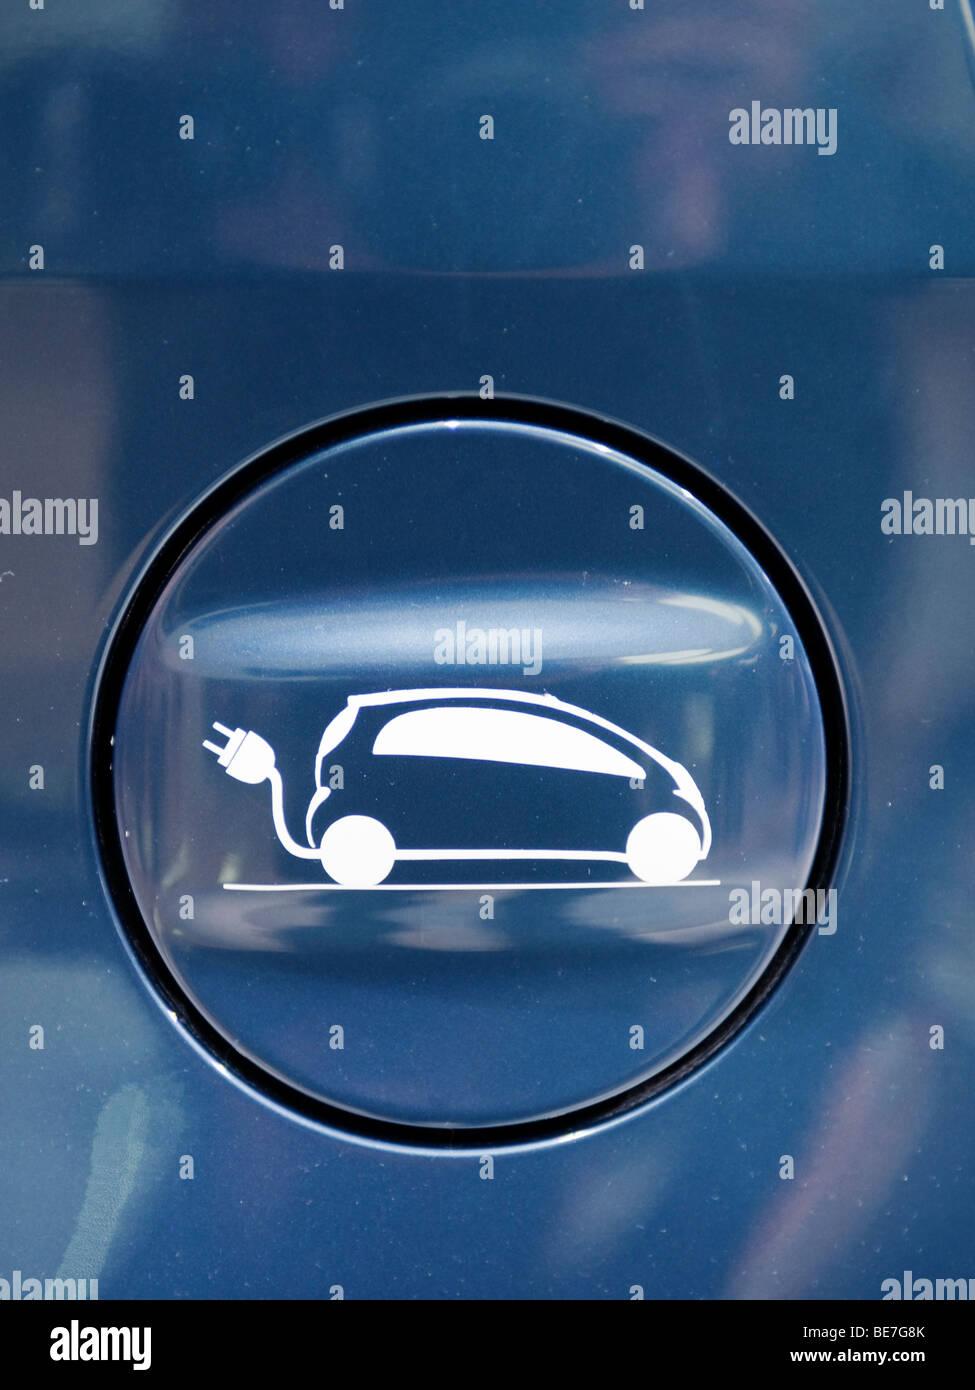 Detalle de la tapa sobre el tapón de recarga eléctrica equipado a nuevo coche eléctrico en el Salón Imagen De Stock